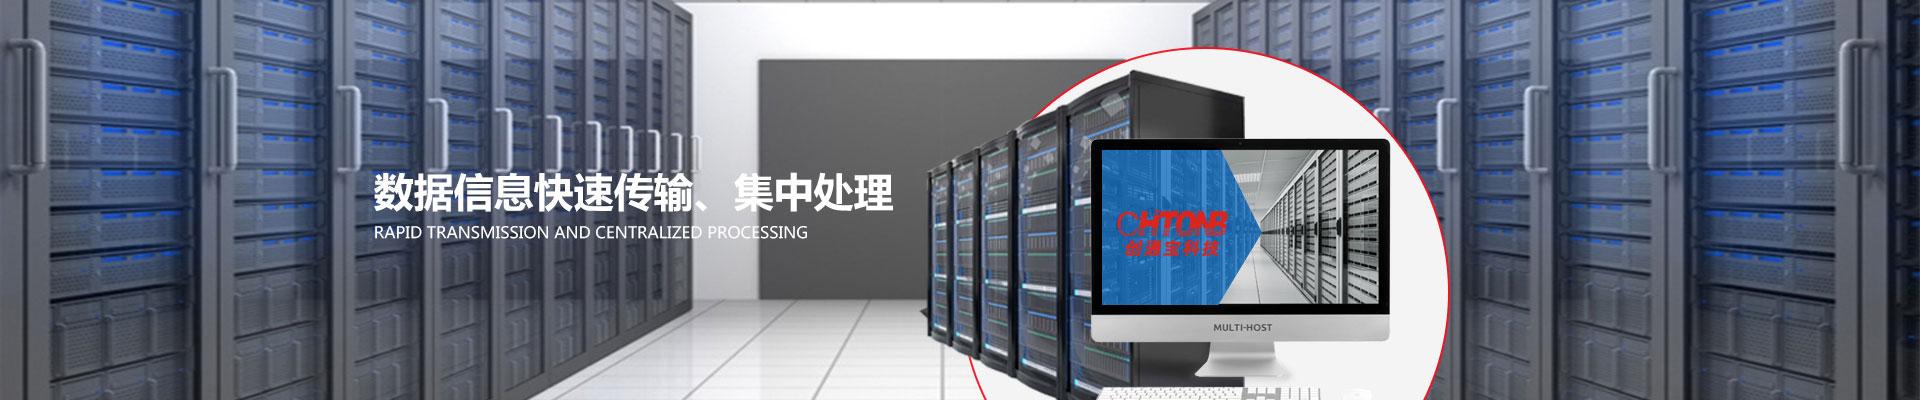 数据信息快速传输、集中处理-创通宝3ccb5382c5a9bce_4